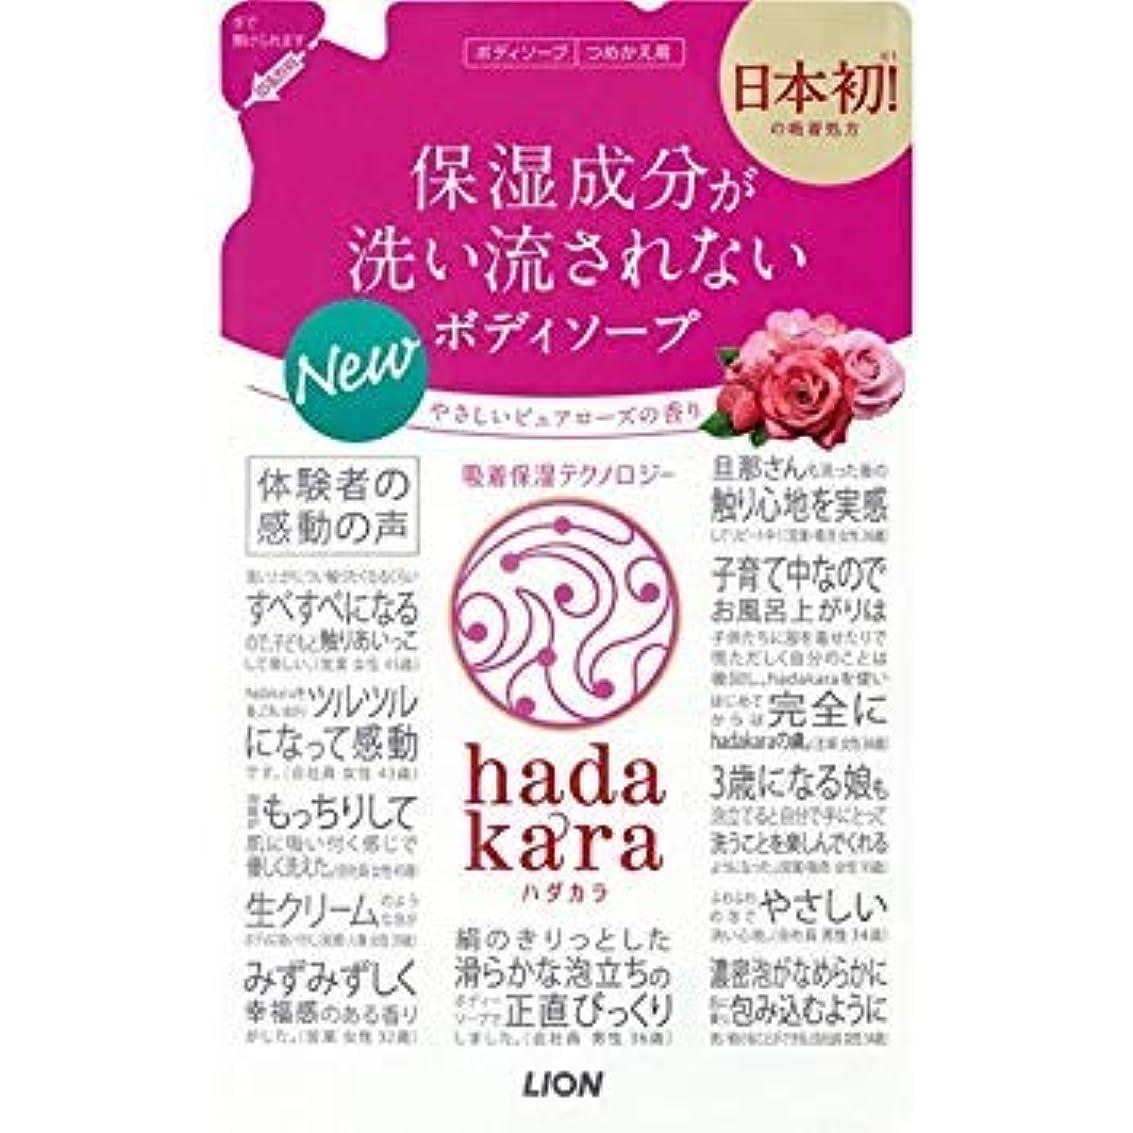 マーガレットミッチェル口径可決hadakara(ハダカラ) ボディソープ ピュアローズの香り 詰め替え 360ml×16個